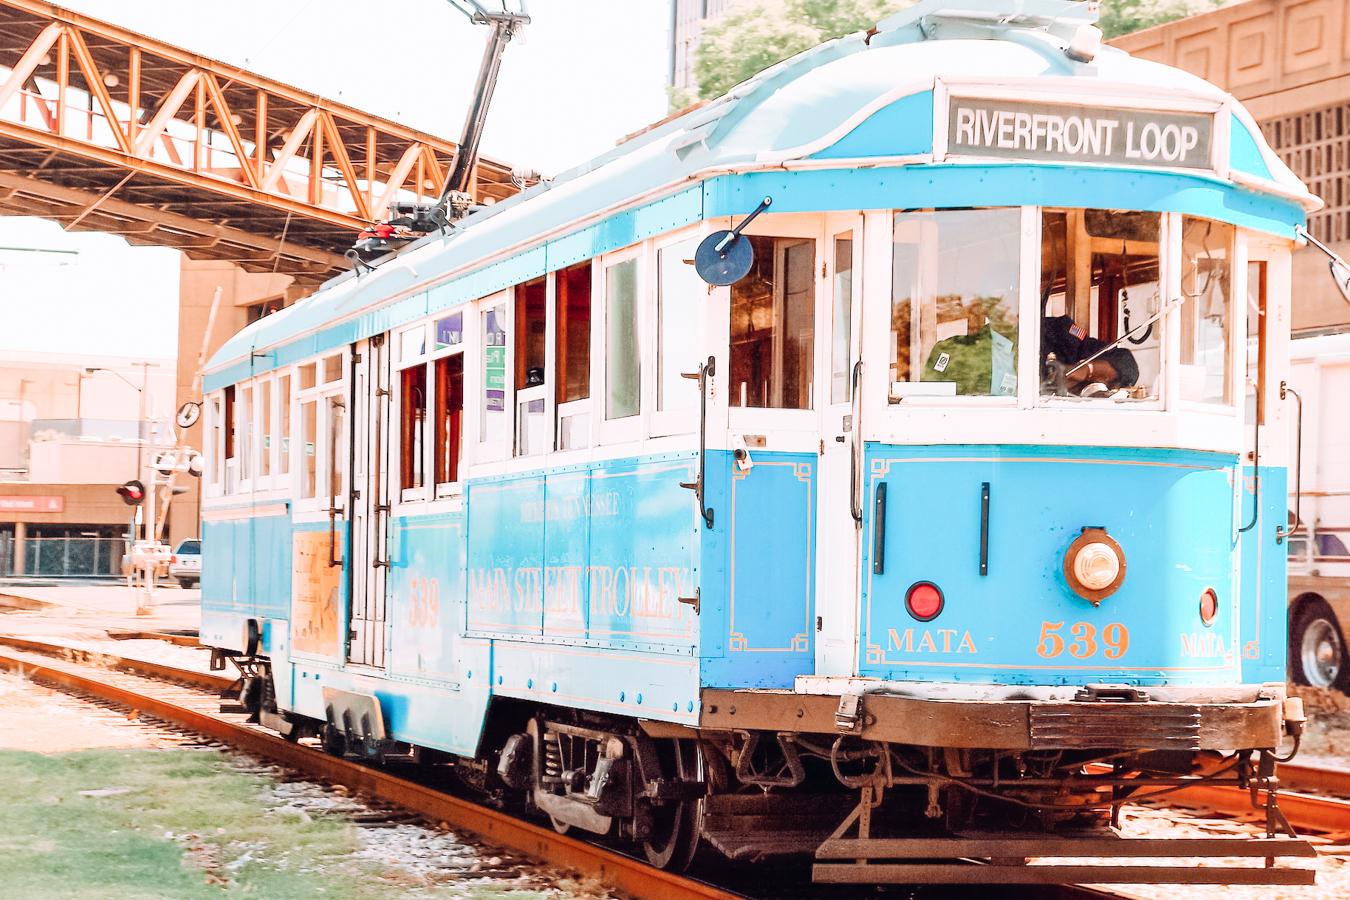 Blue trolley